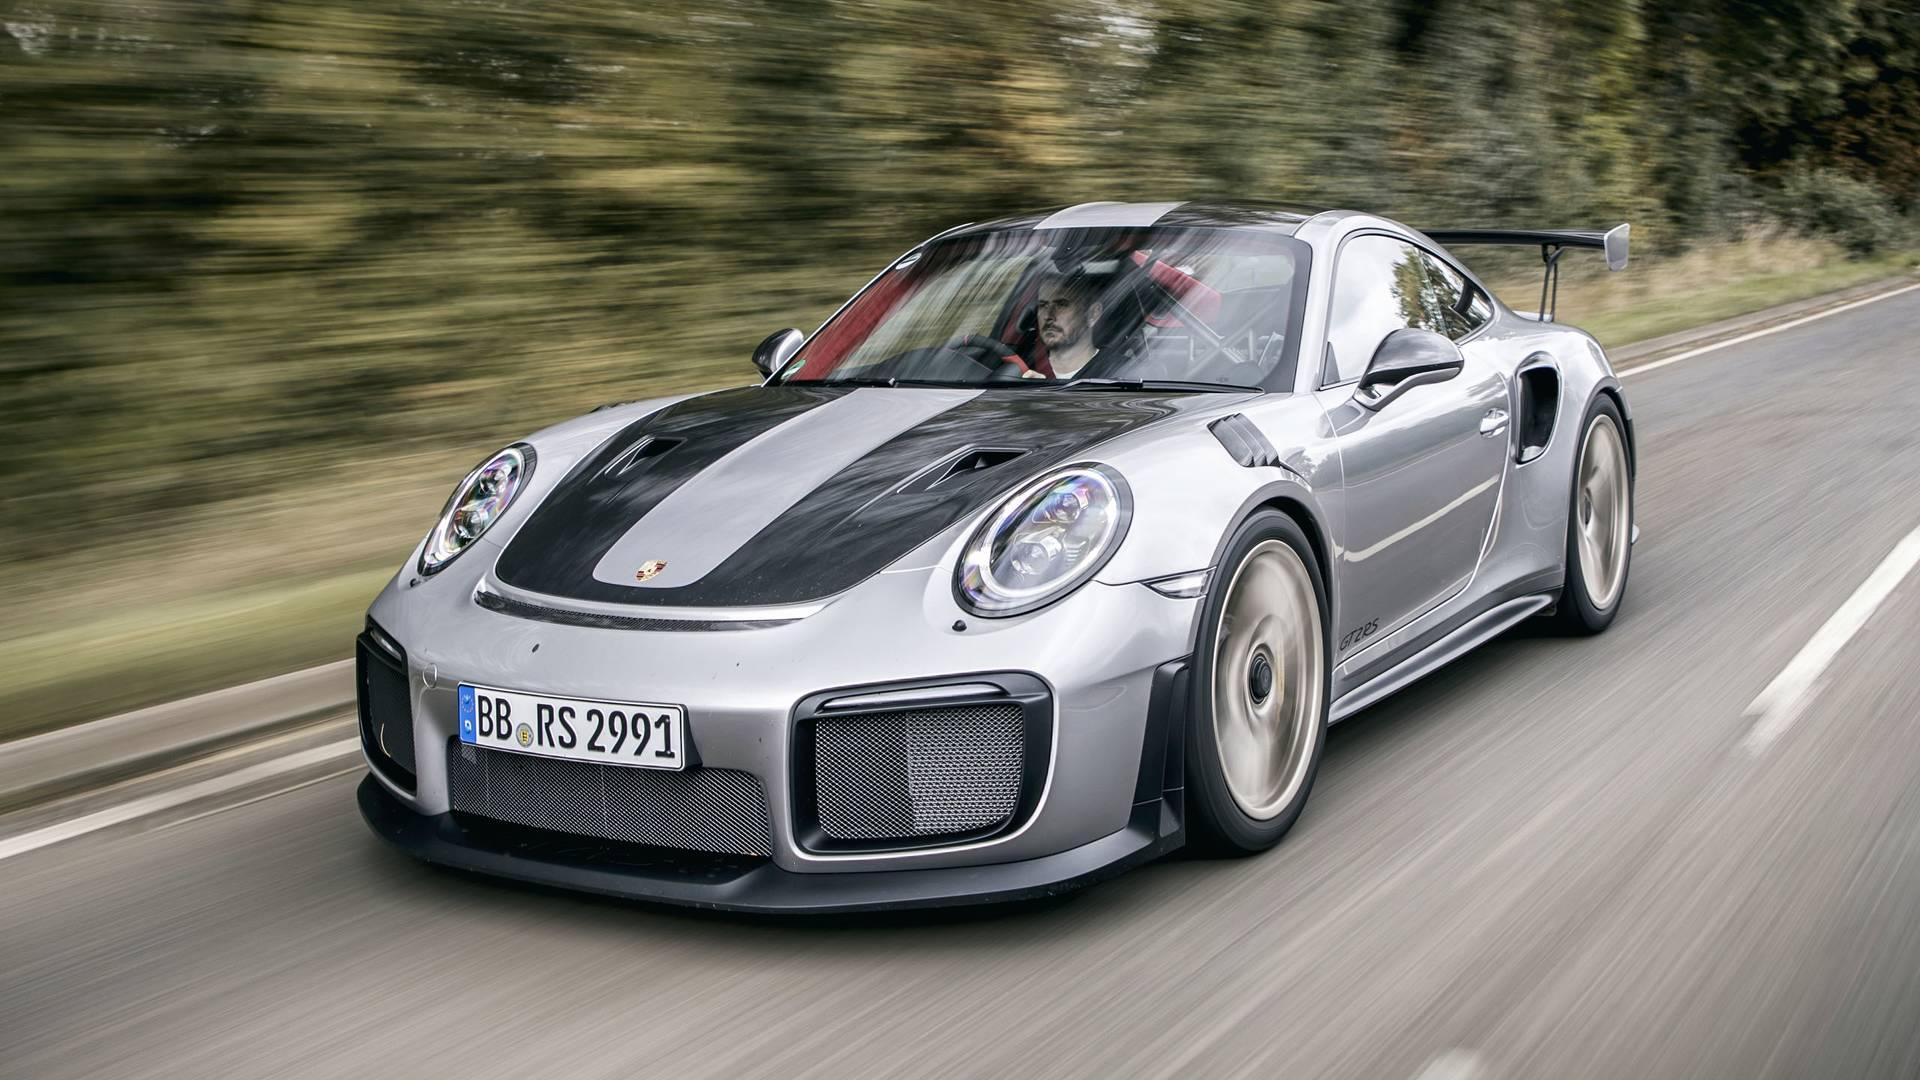 2018-porsche-911-gt2-rs-first-drive Wonderful Porsche 911 Gt2 Rs Review Cars Trend